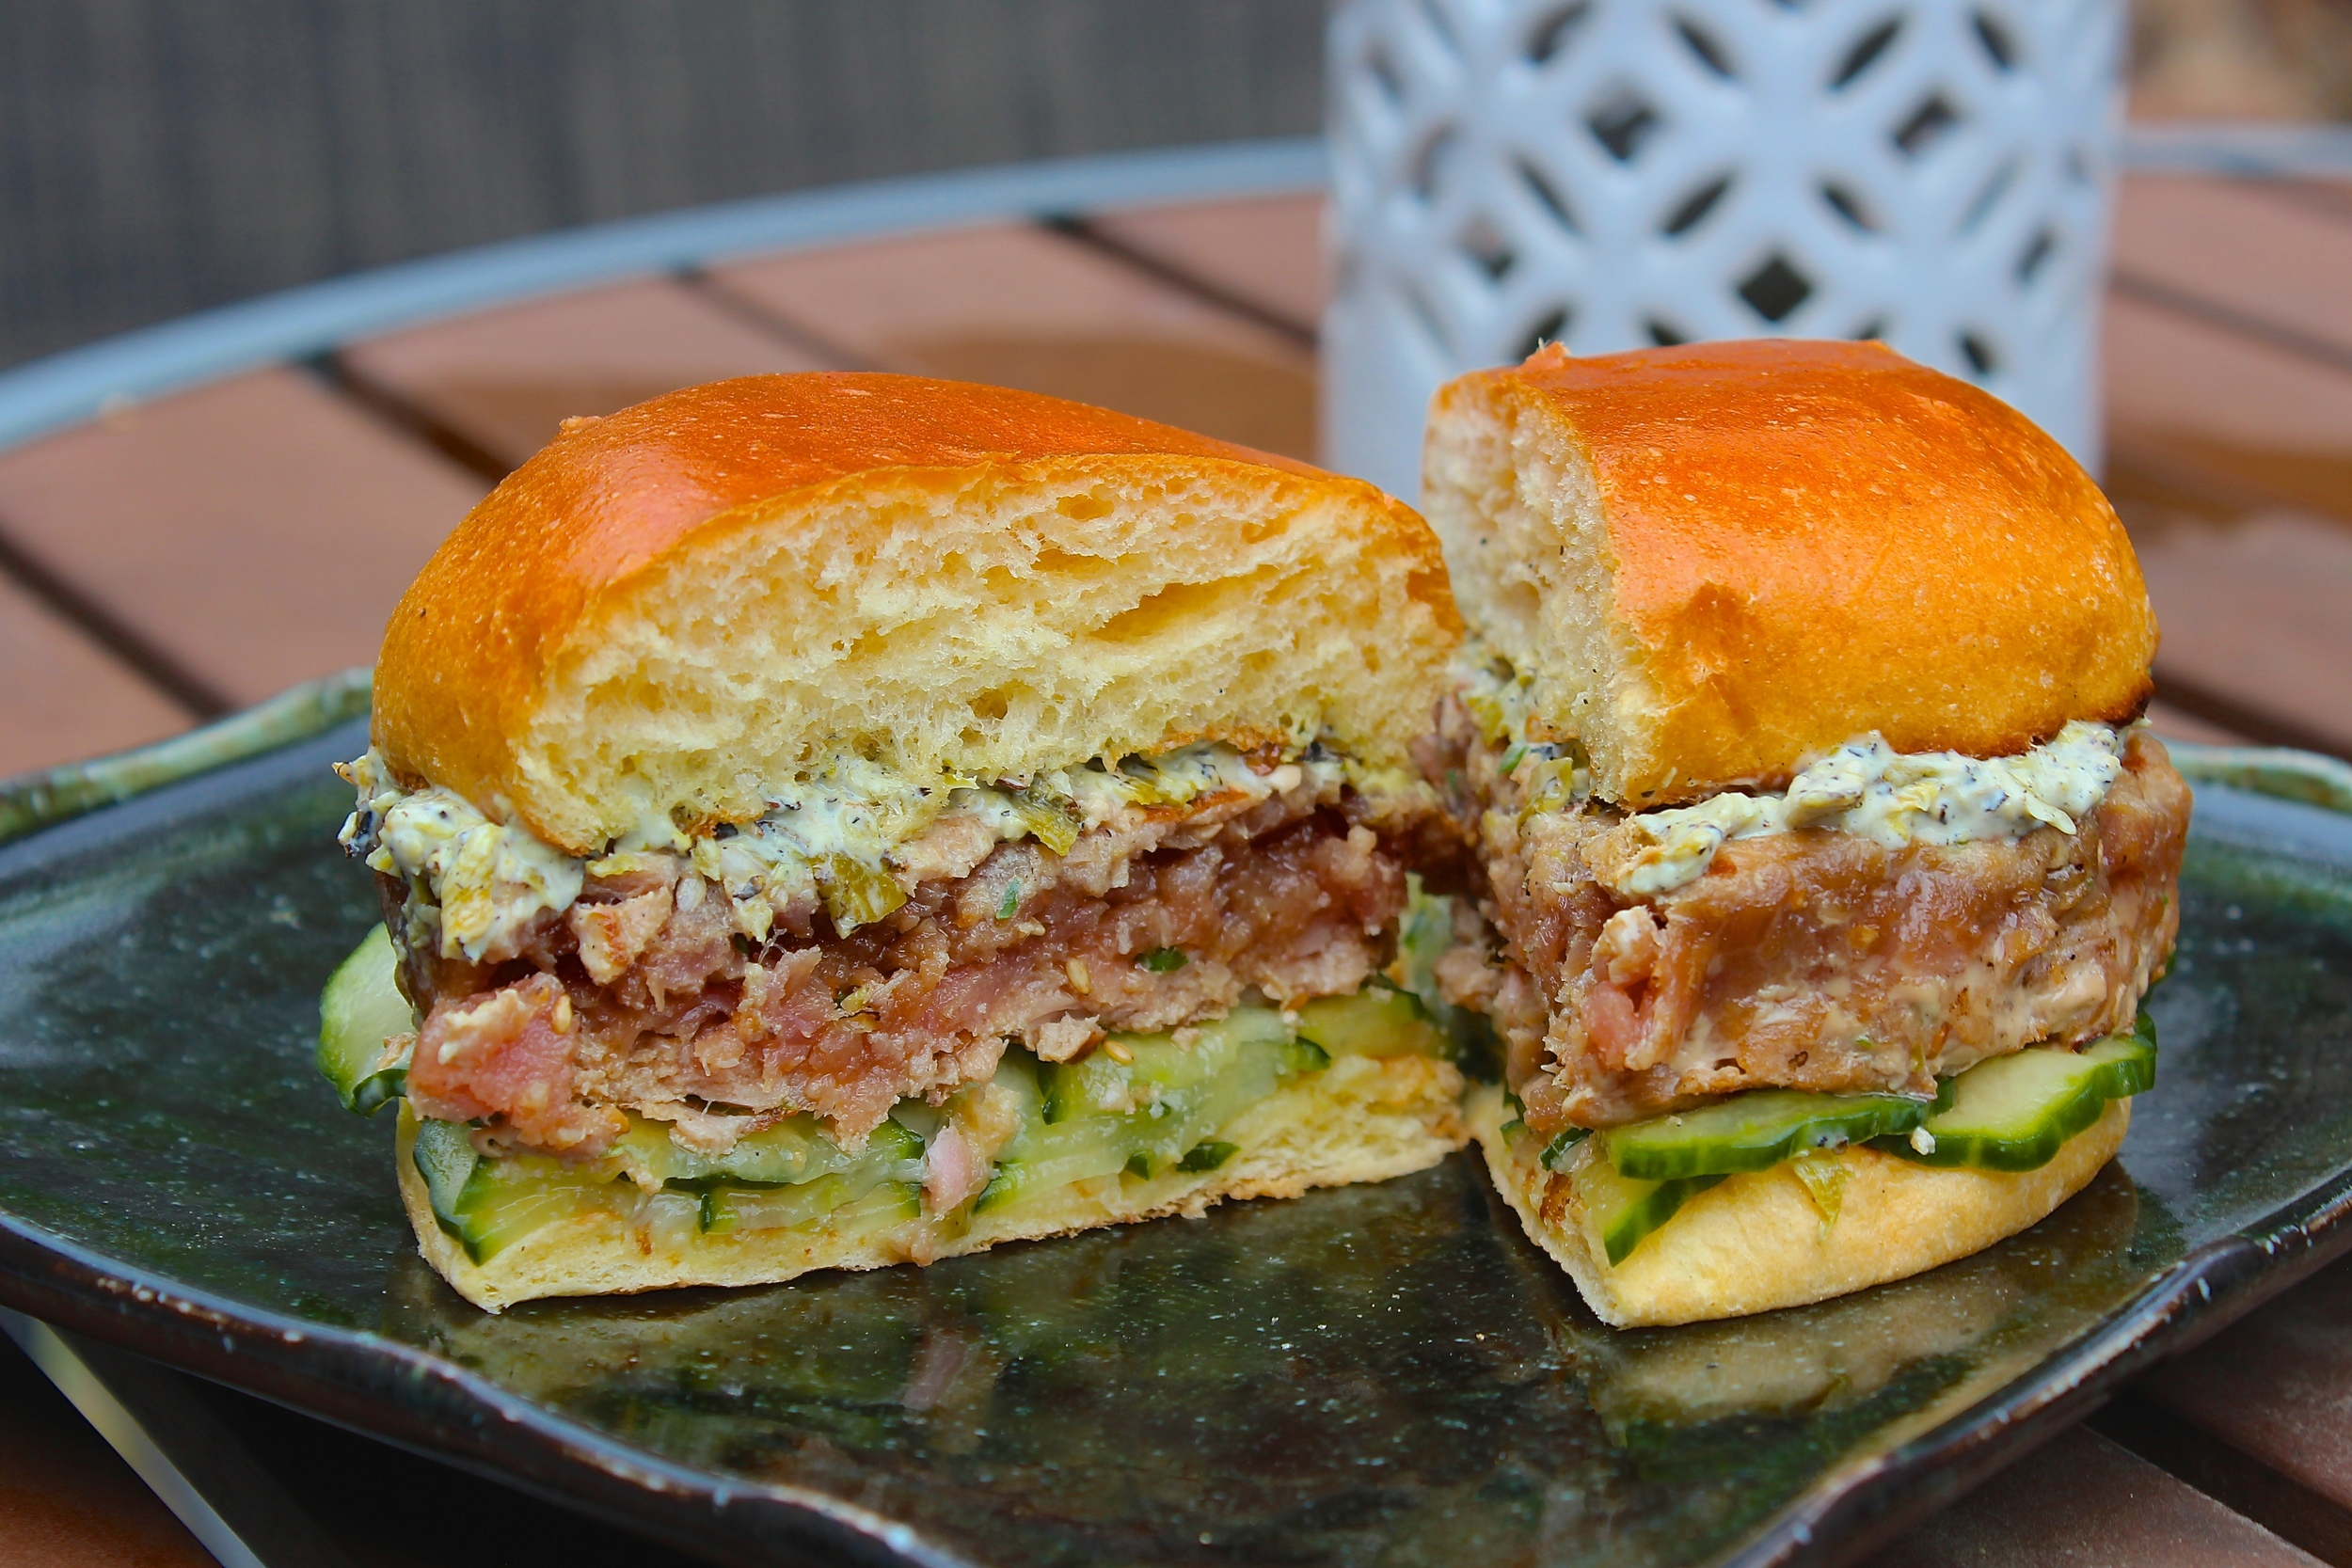 Seared Tuna Burger with Charred Shishito Pepper Mayo